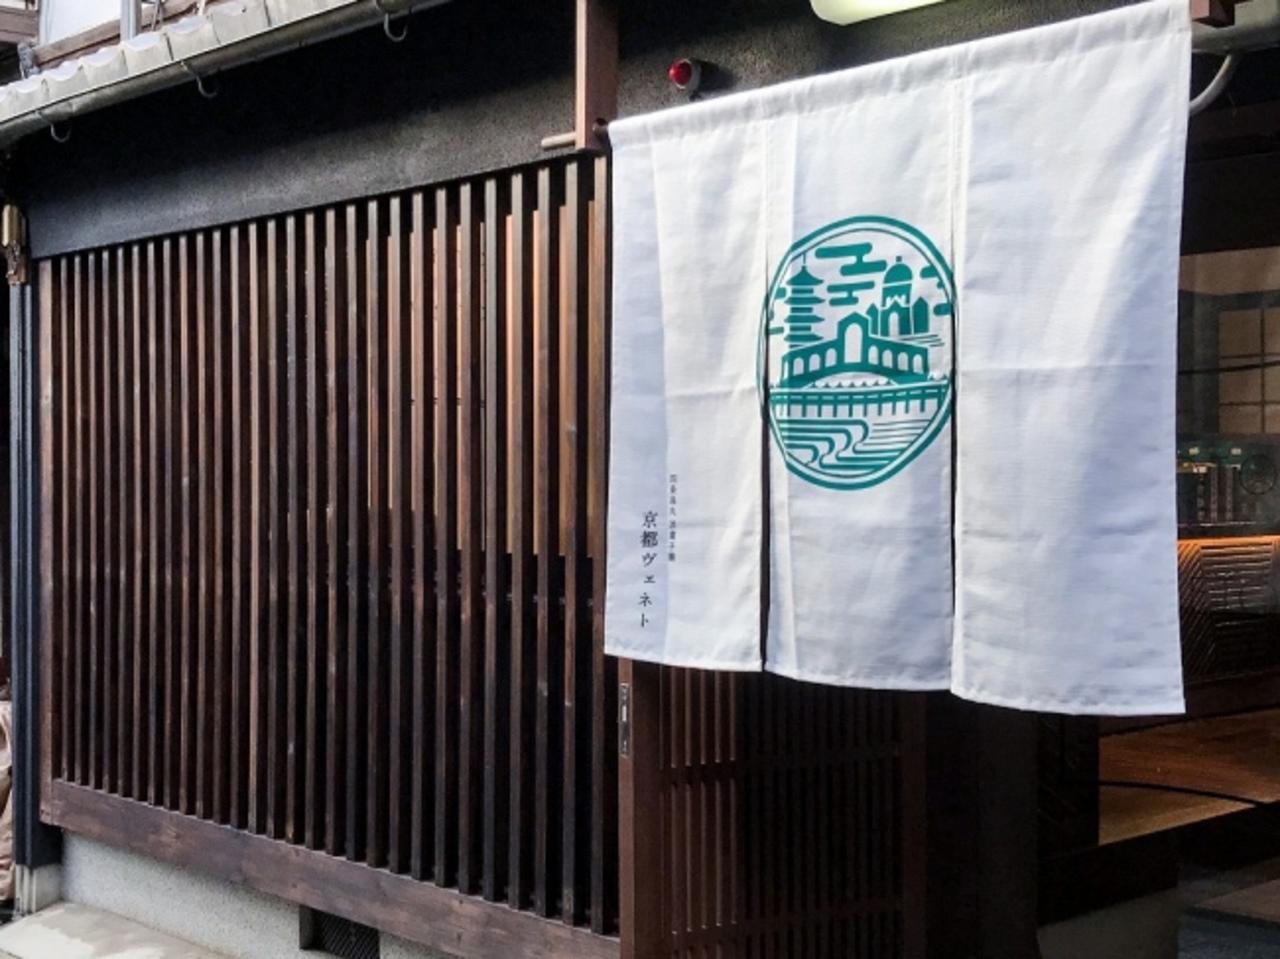 京都烏丸駅近くにブランド体感型サロン「京都ヴェネト 四条烏丸店」11月4日グランドオープン!